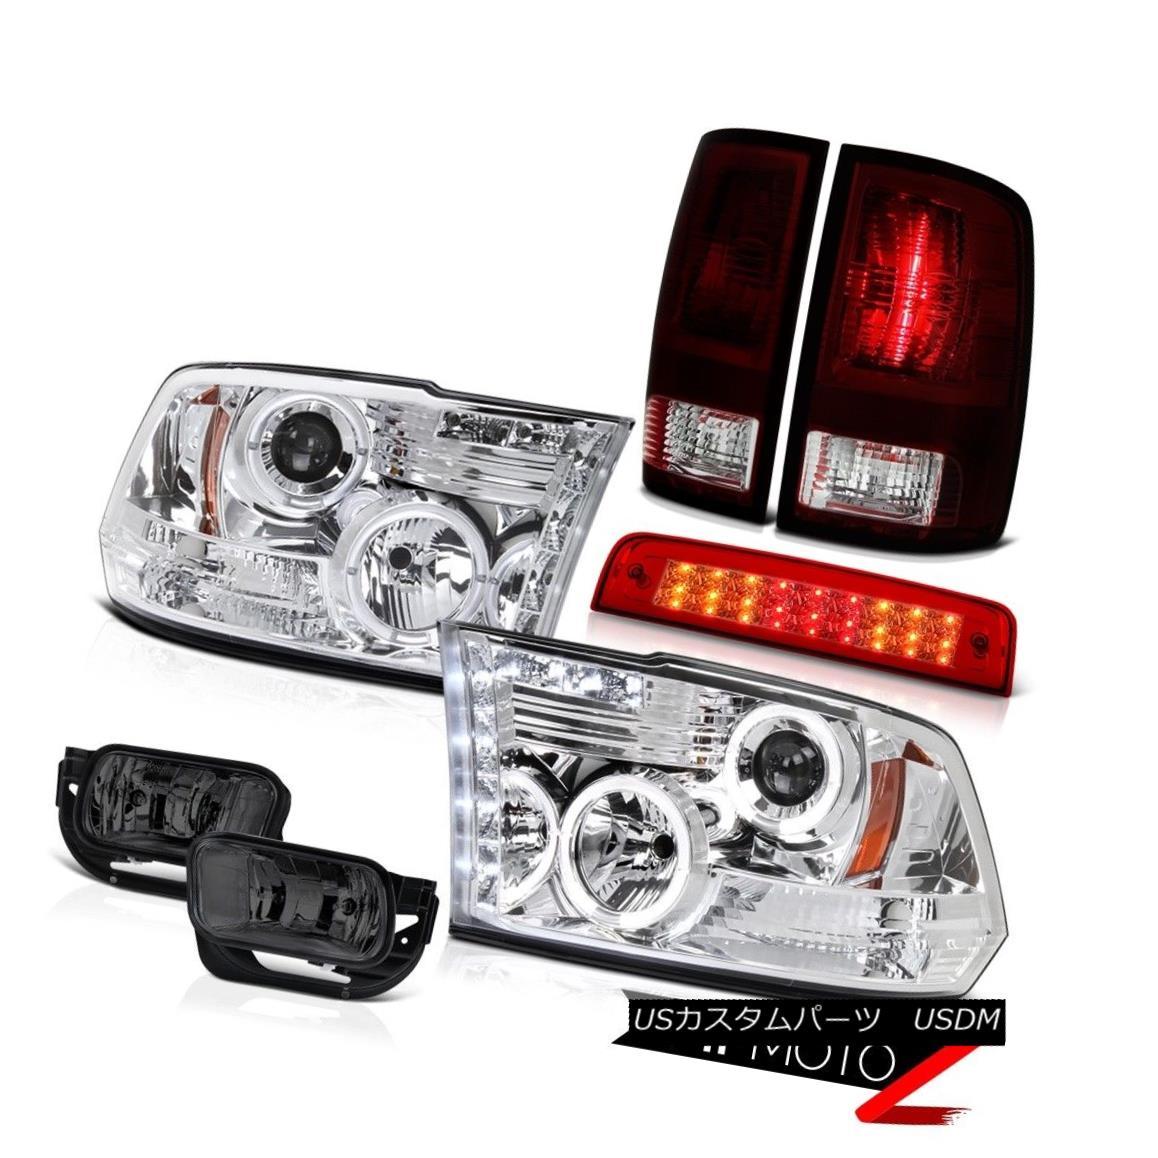 テールライト 2010-2018 Ram 3500 6.7L Red Roof Cab Lamp Fog Lights Tail Chrome Headlights LED 2010-2018 Ram 3500 6.7Lレッド・ルーフ・キャブ・ランプフォグ・ライト・テール・クローム・ヘッドライトLED